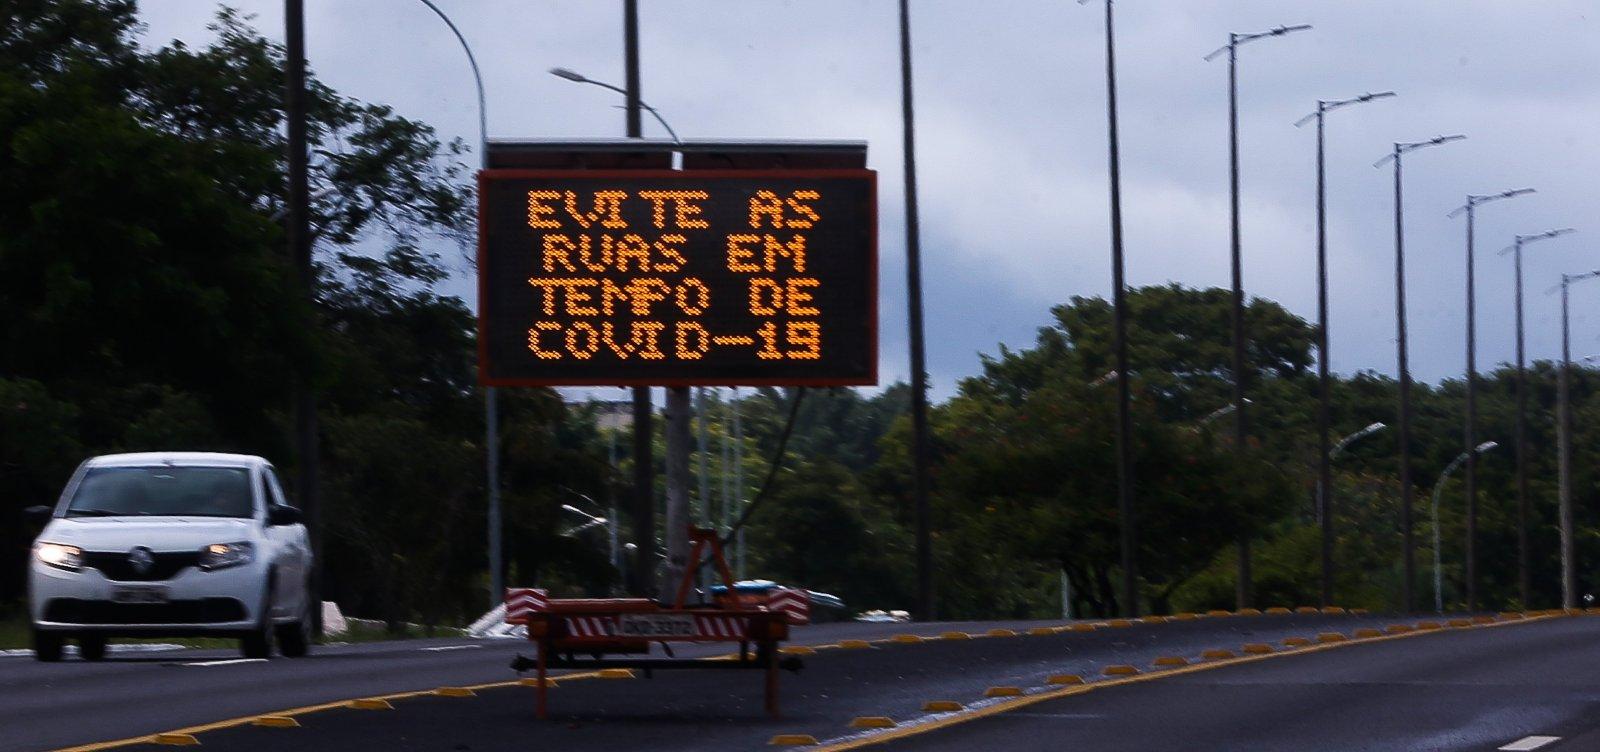 [Datafolha: 76% dos brasileiros defendem que as pessoas fiquem em casa]